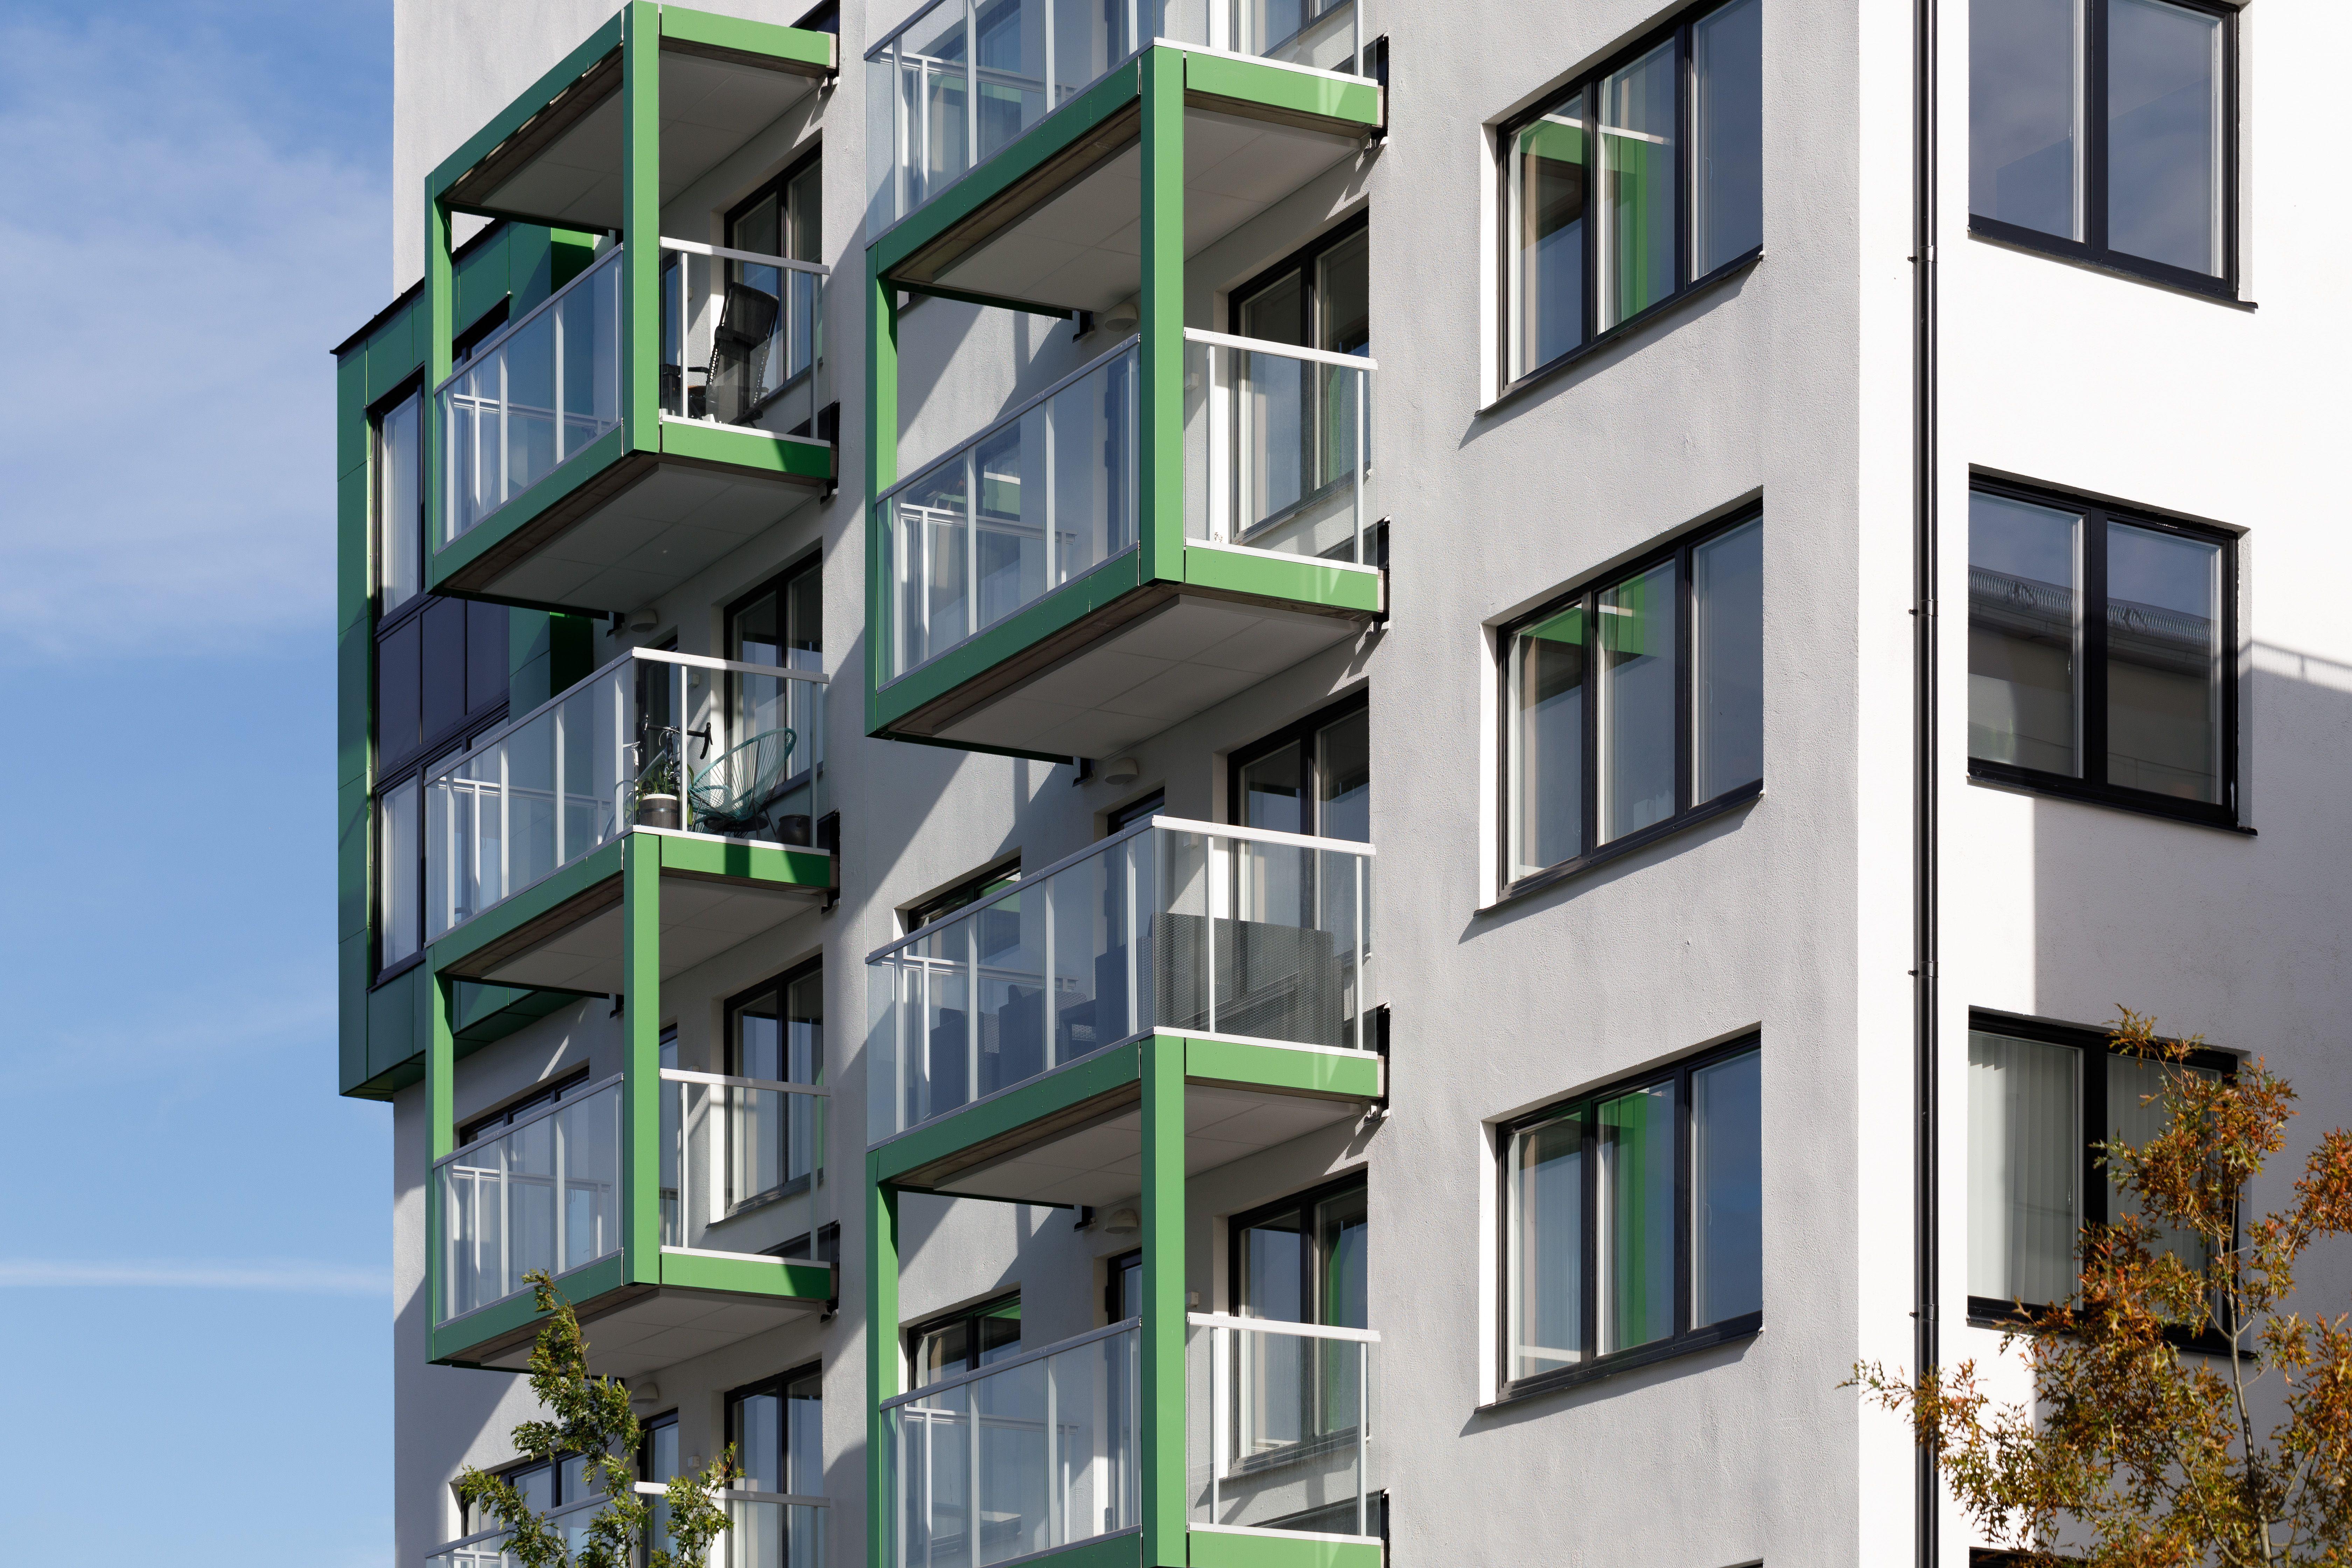 #architecture #architect #esaarkitekter #modernarchitecture